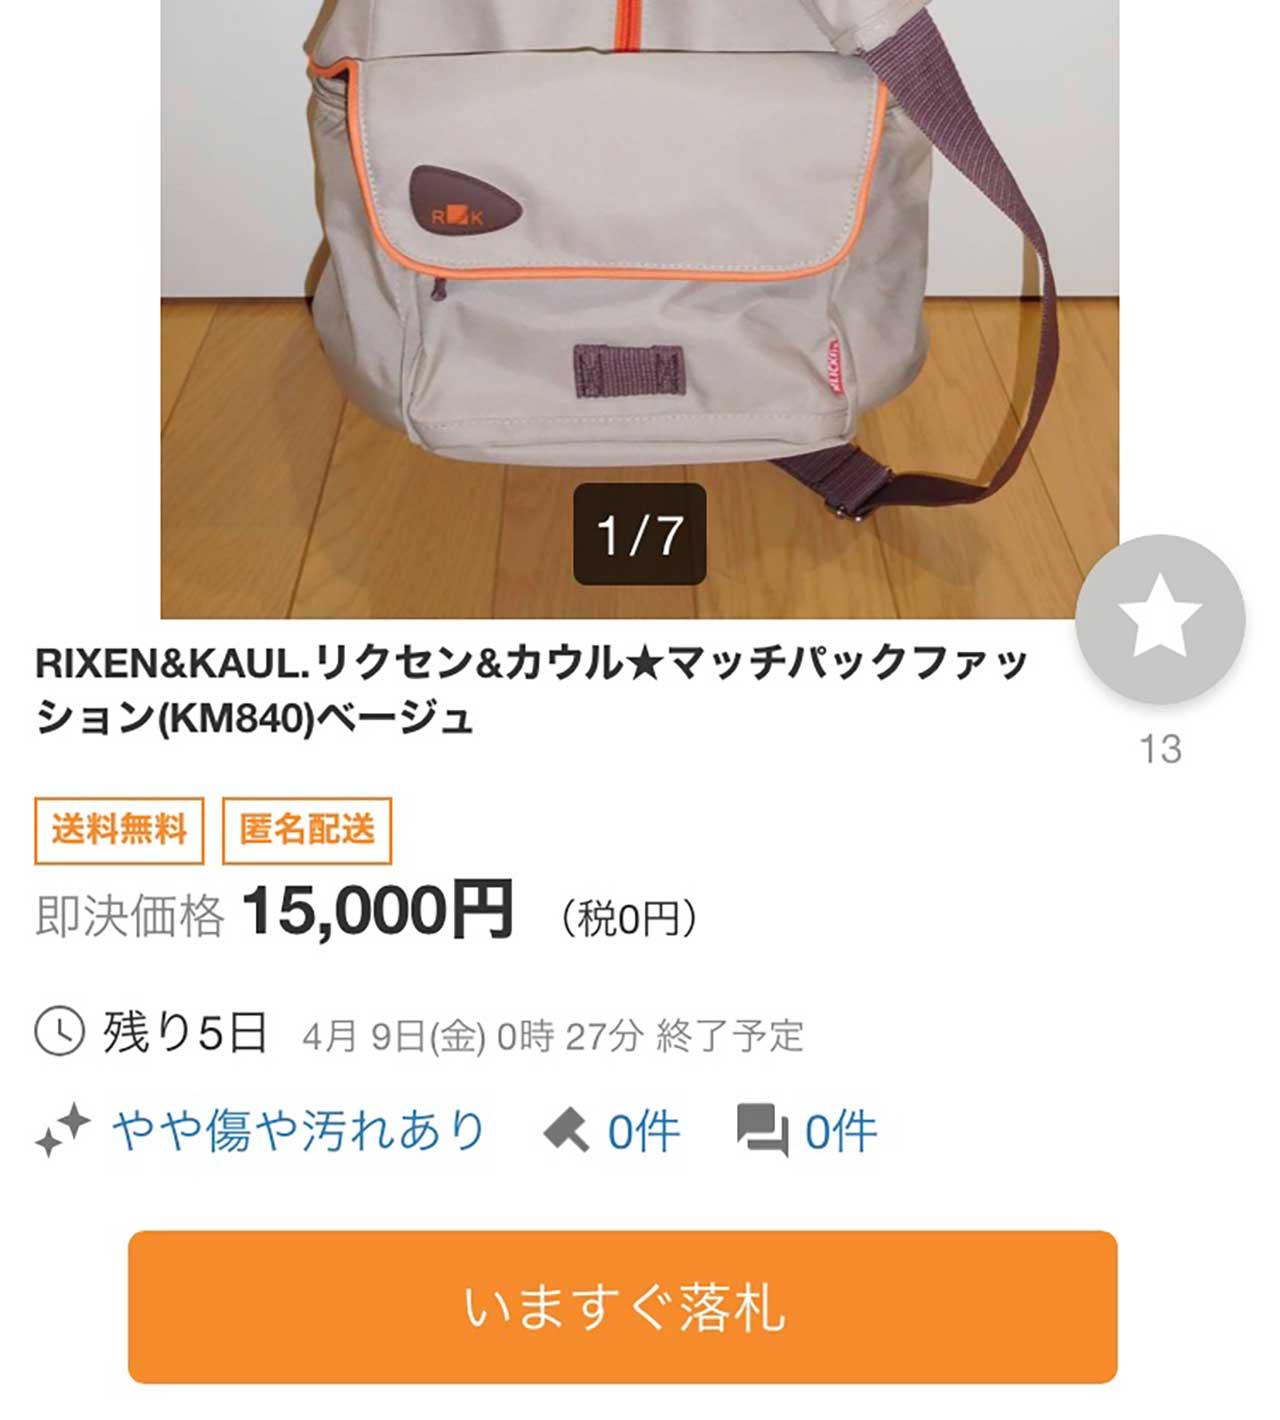 リクセンカウルのバッグ